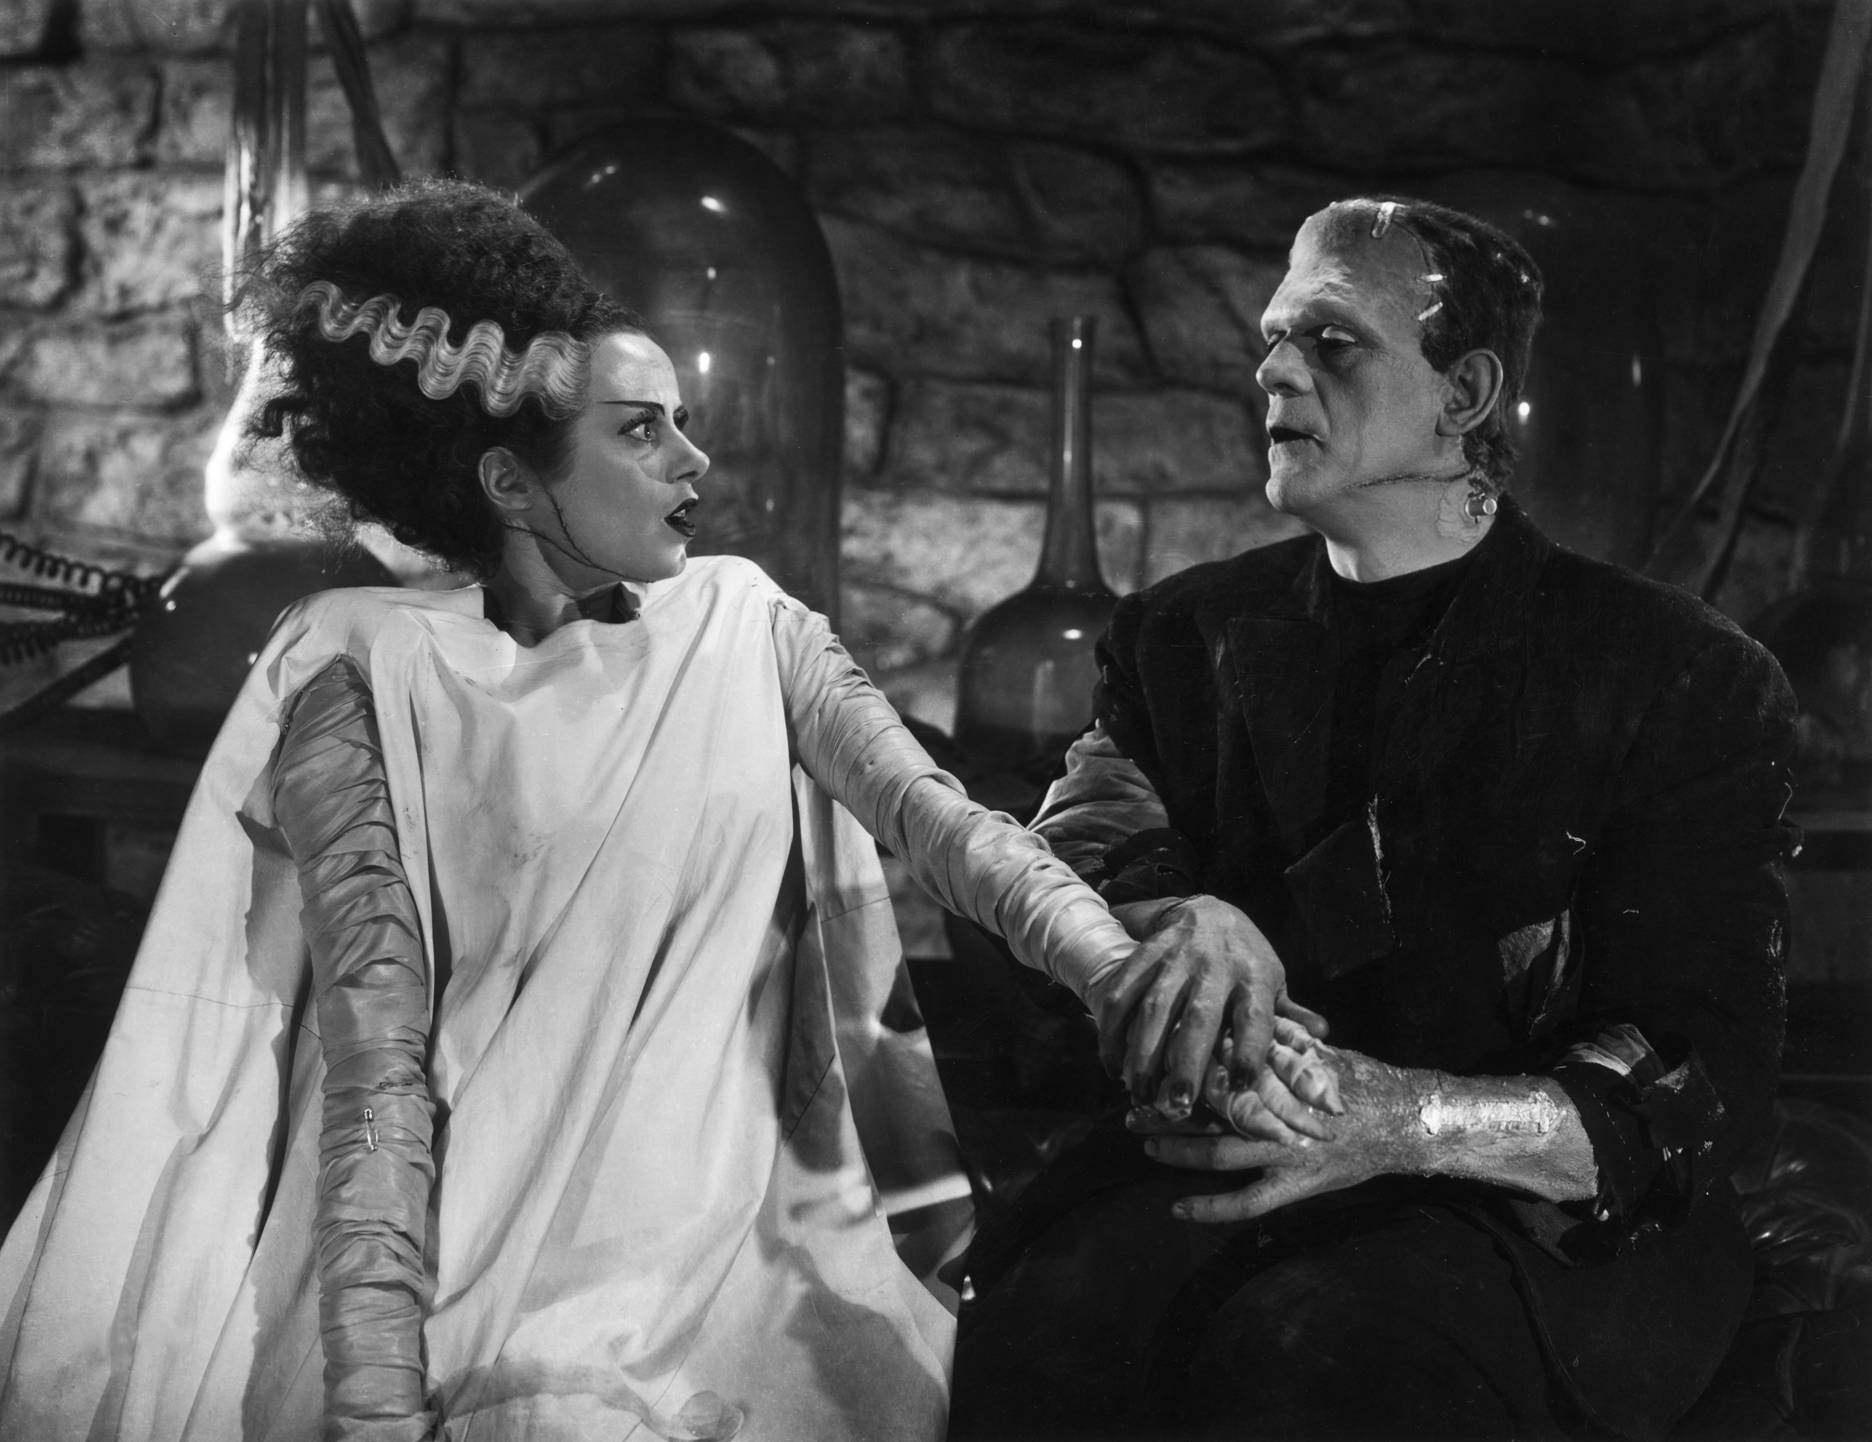 科学怪人之后,佛兰肯斯坦在怪博士的威迫下,合作制造出了一名女性科学